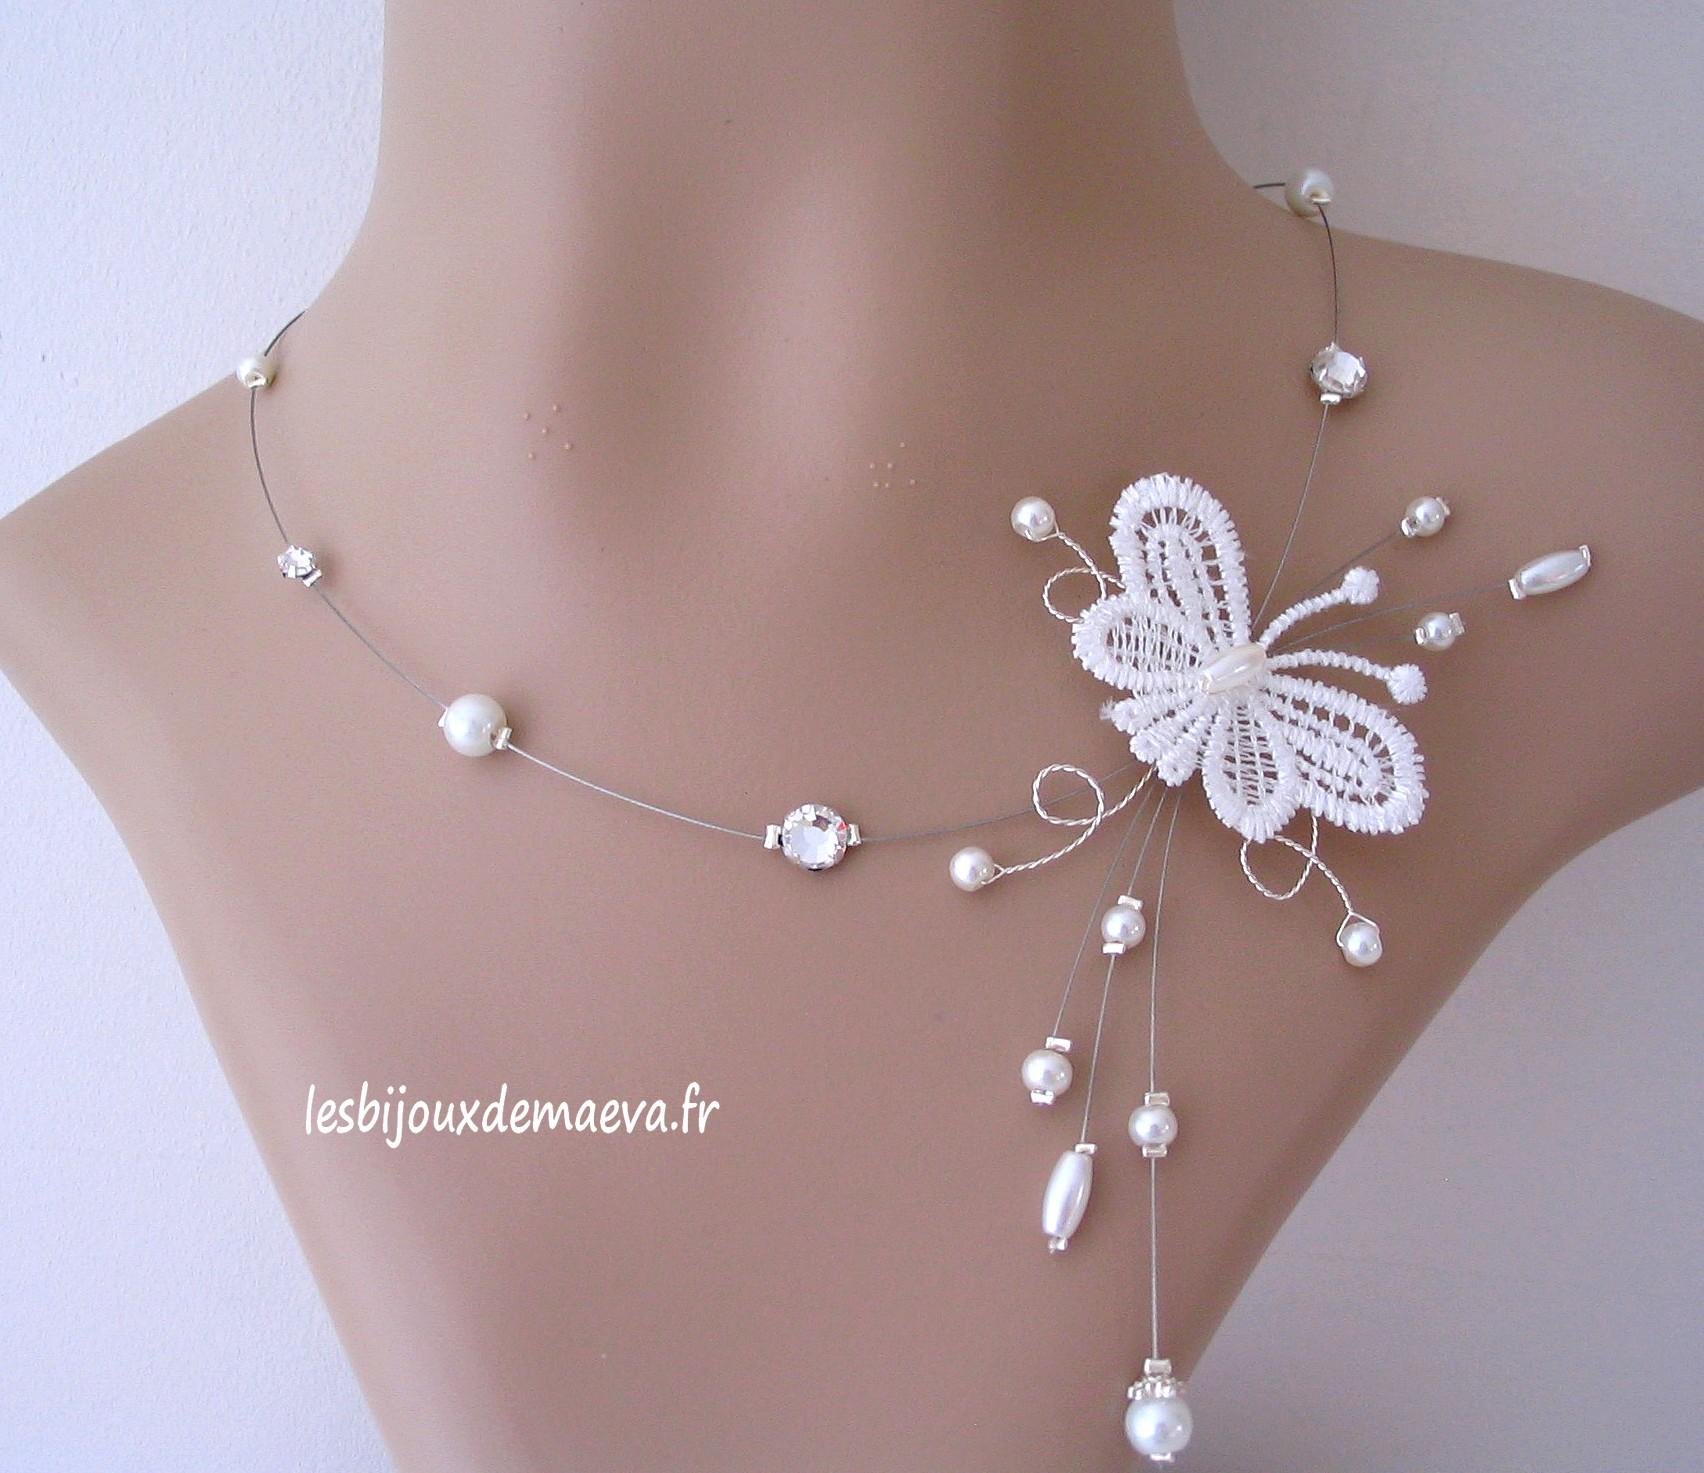 e5764689262 bijoux fantaisie mariage collier papillon Gracieuse